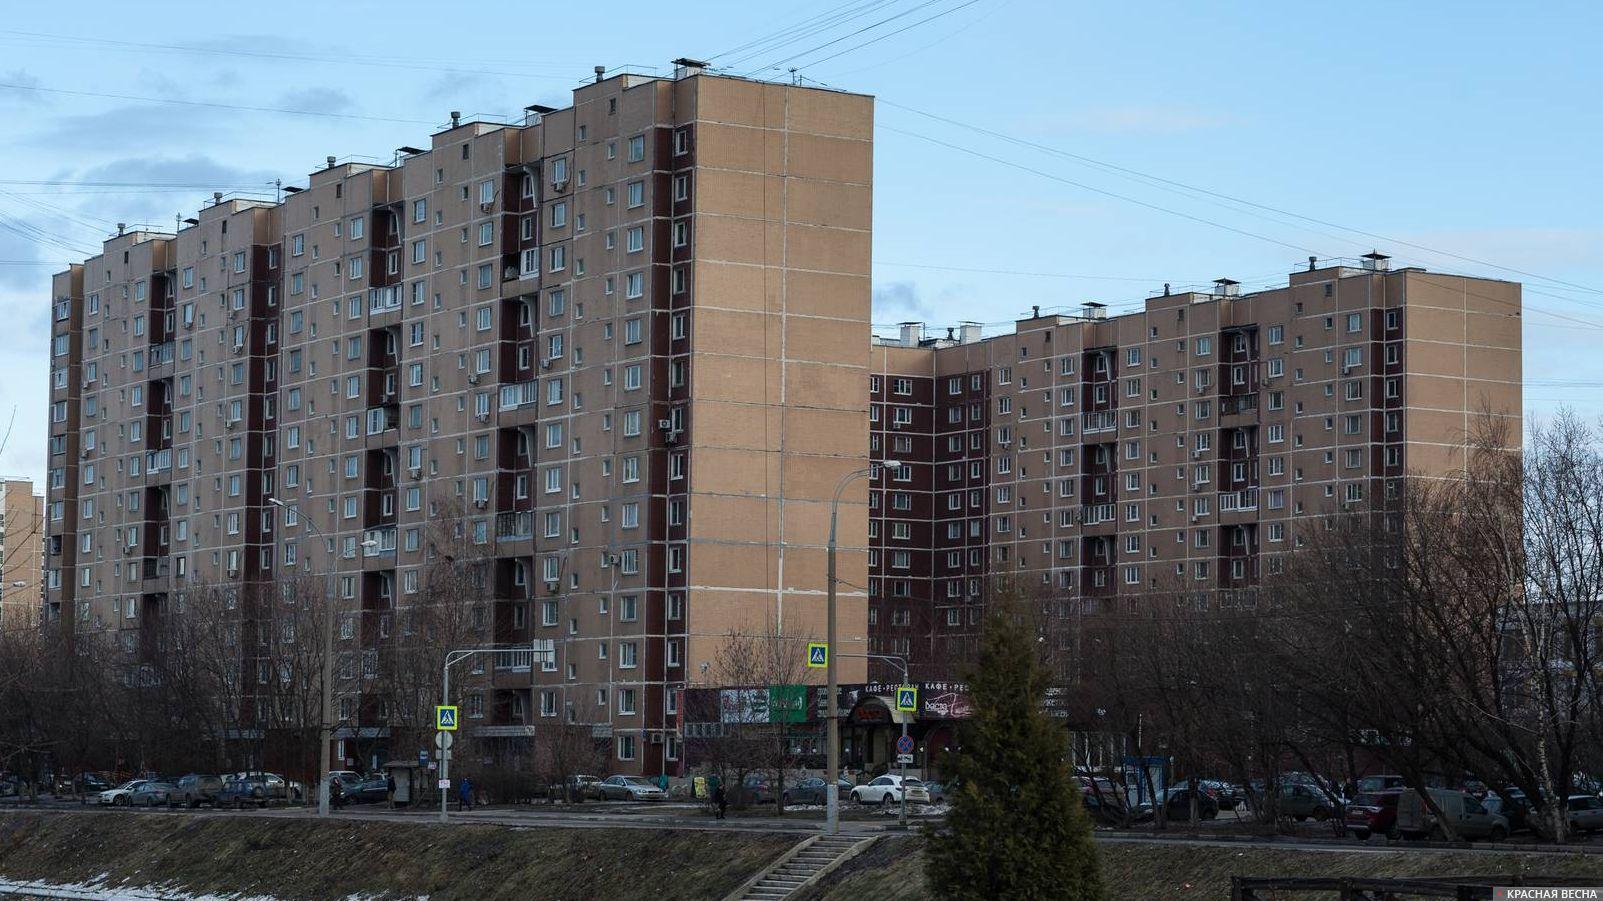 Москва. Многоэтажные дома.